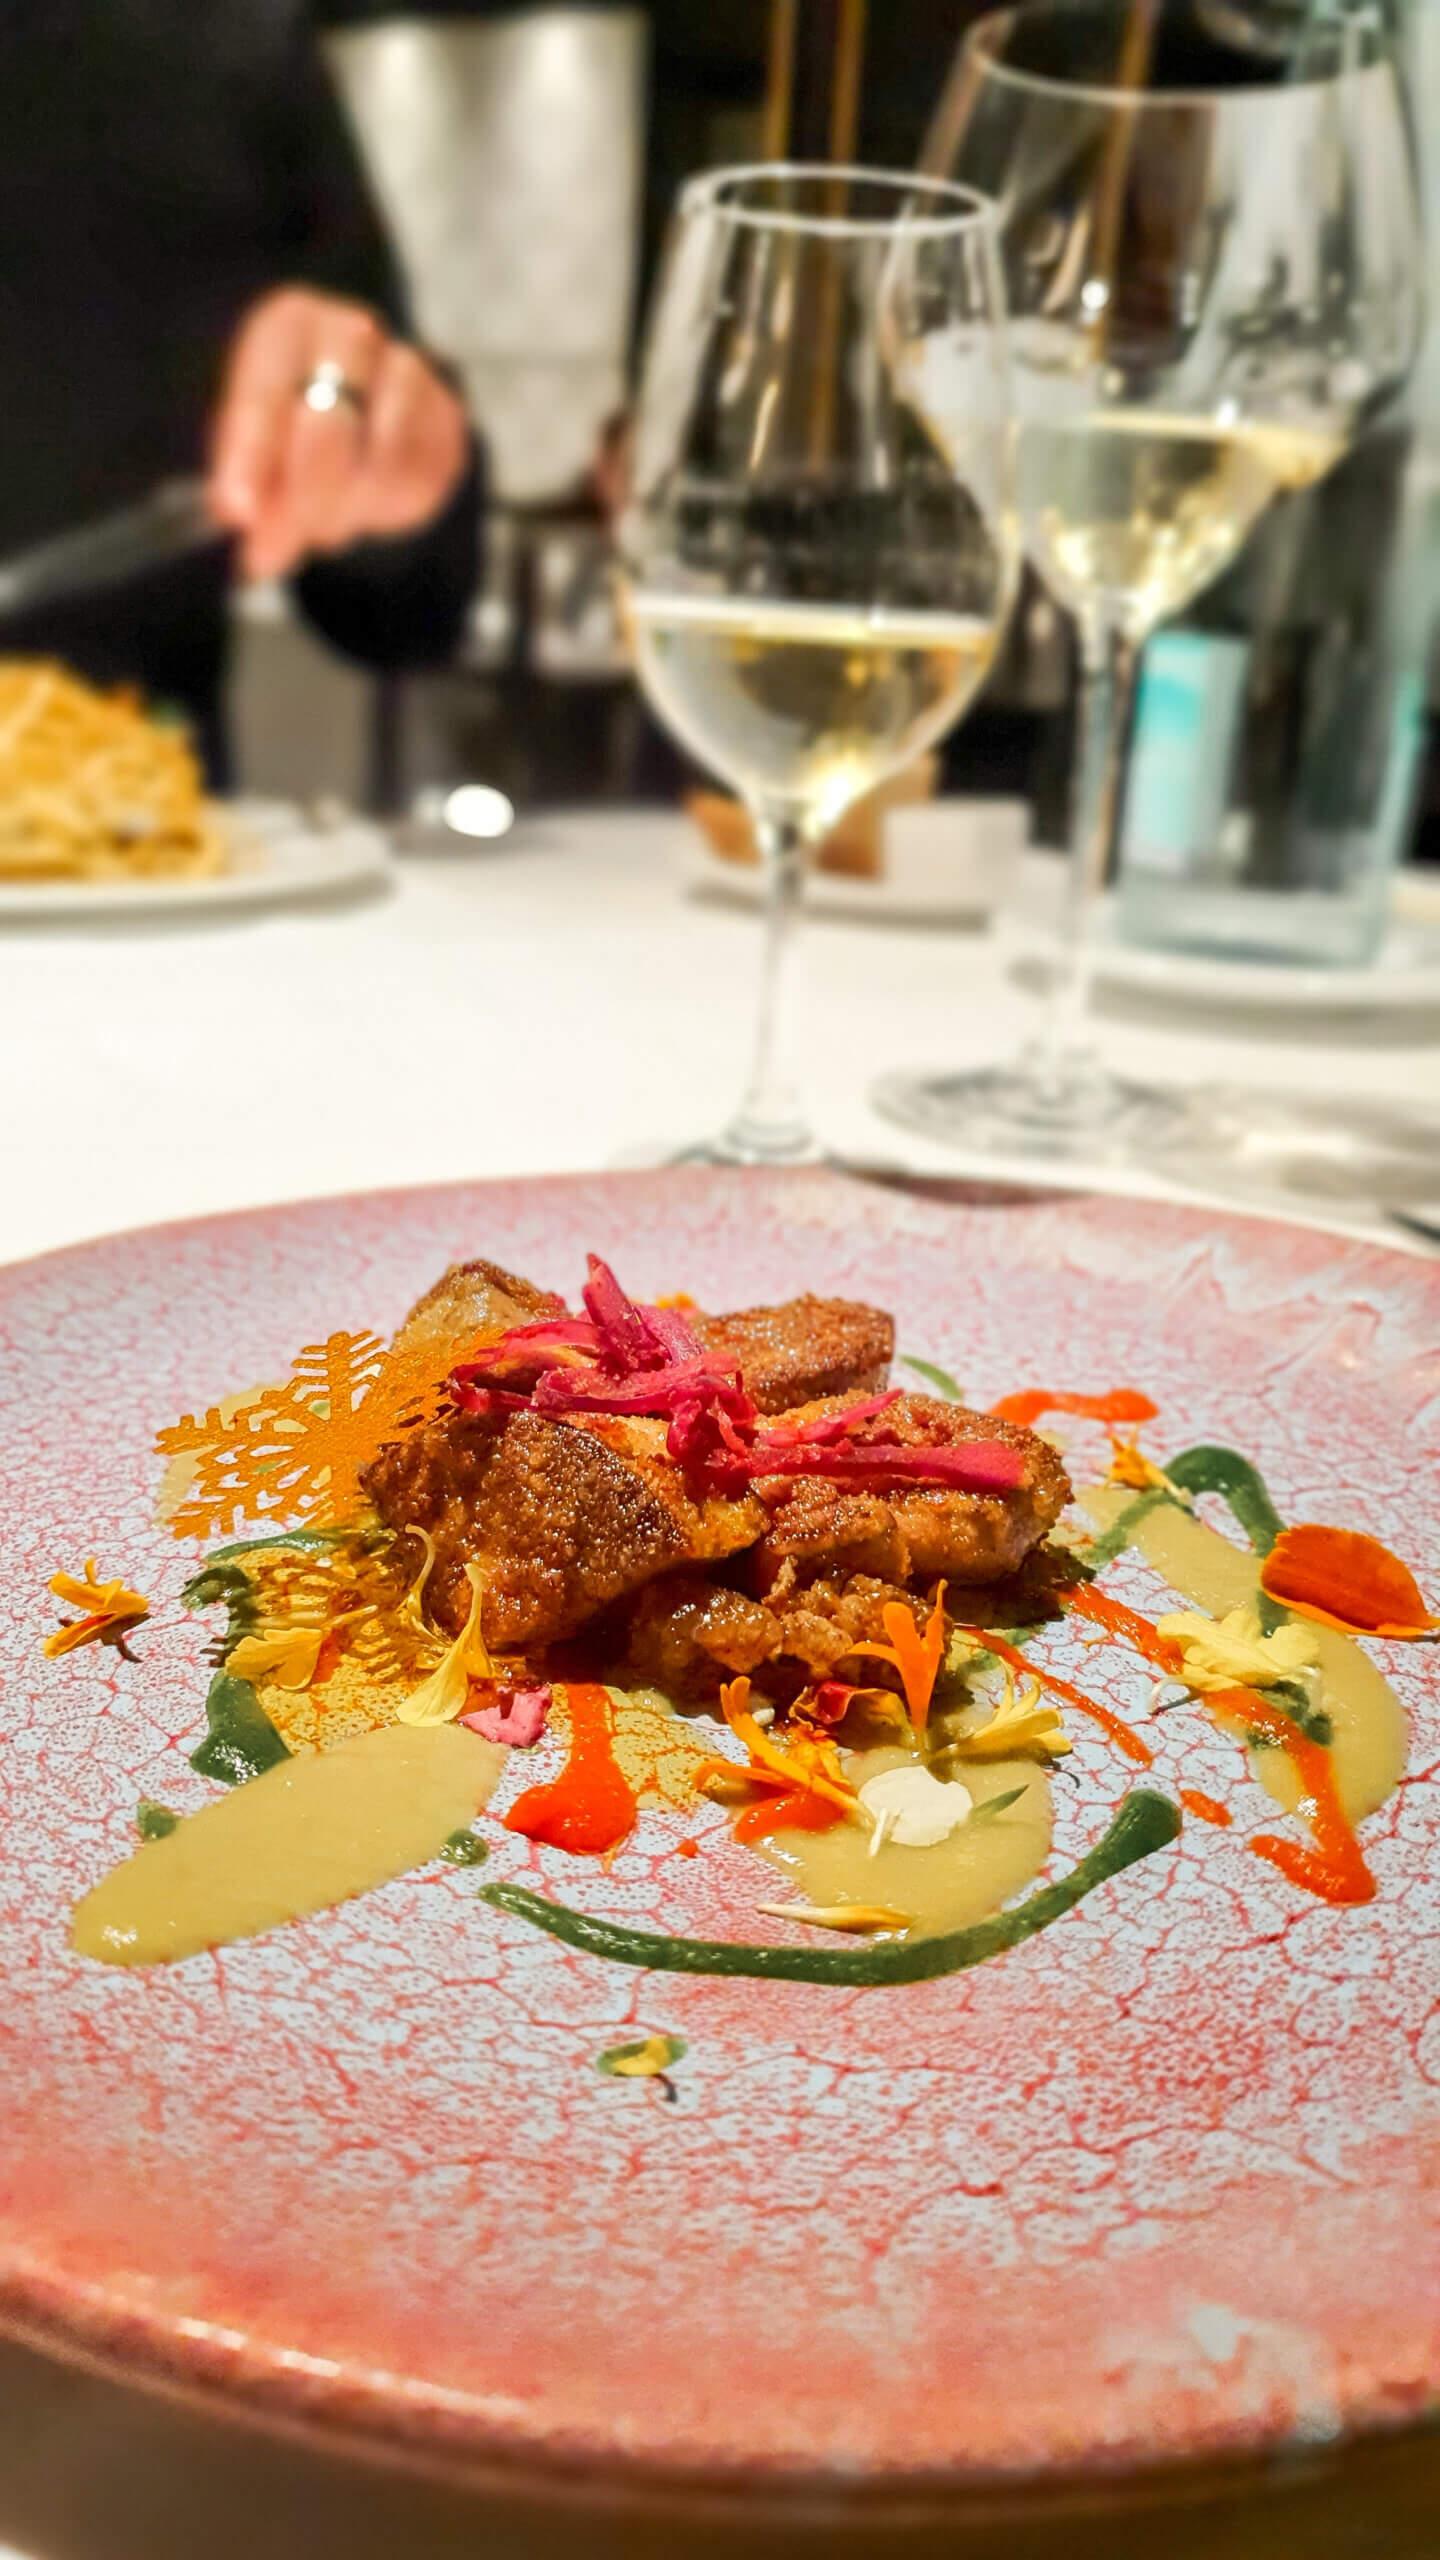 Entenleber auf verschiedenen Soßen und weißen Maulbeeren im 3-Sterne Restaurant Arzak in San Sebastián